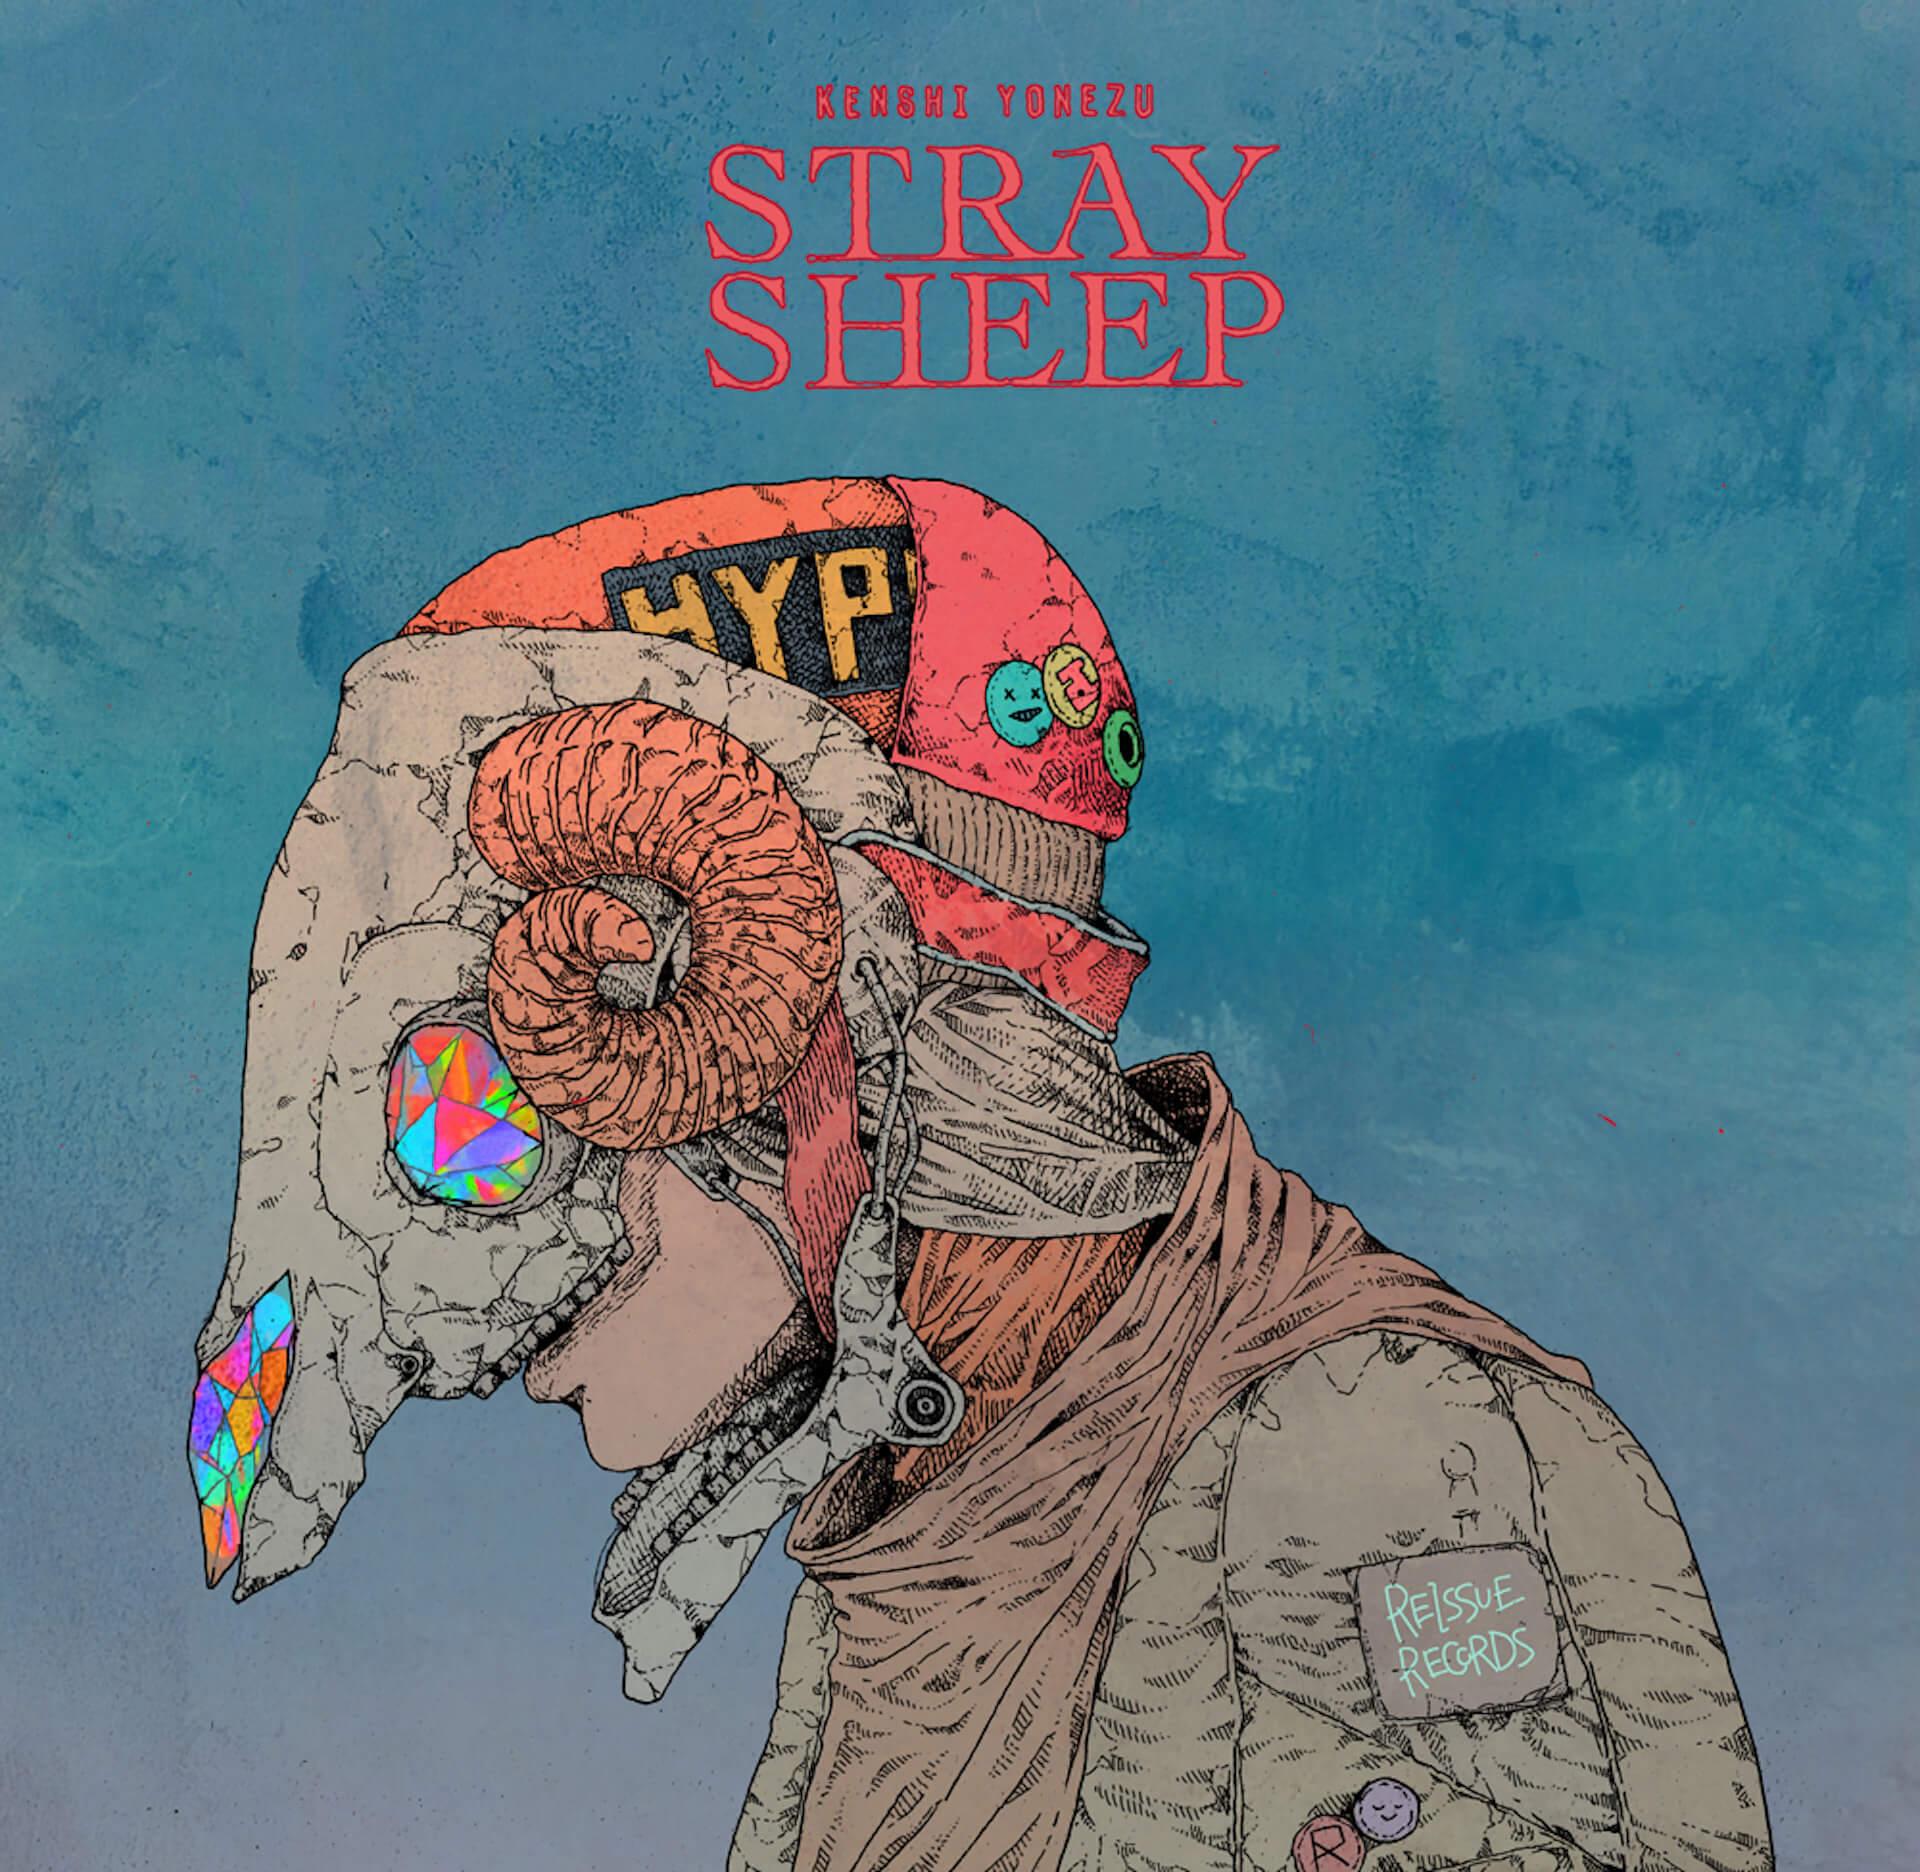 米津玄師のニューアルバム『STRAY SHEEP』が世界を制覇!ワールドセールスチャート1位を記録 music200825_yonezukenshi_2